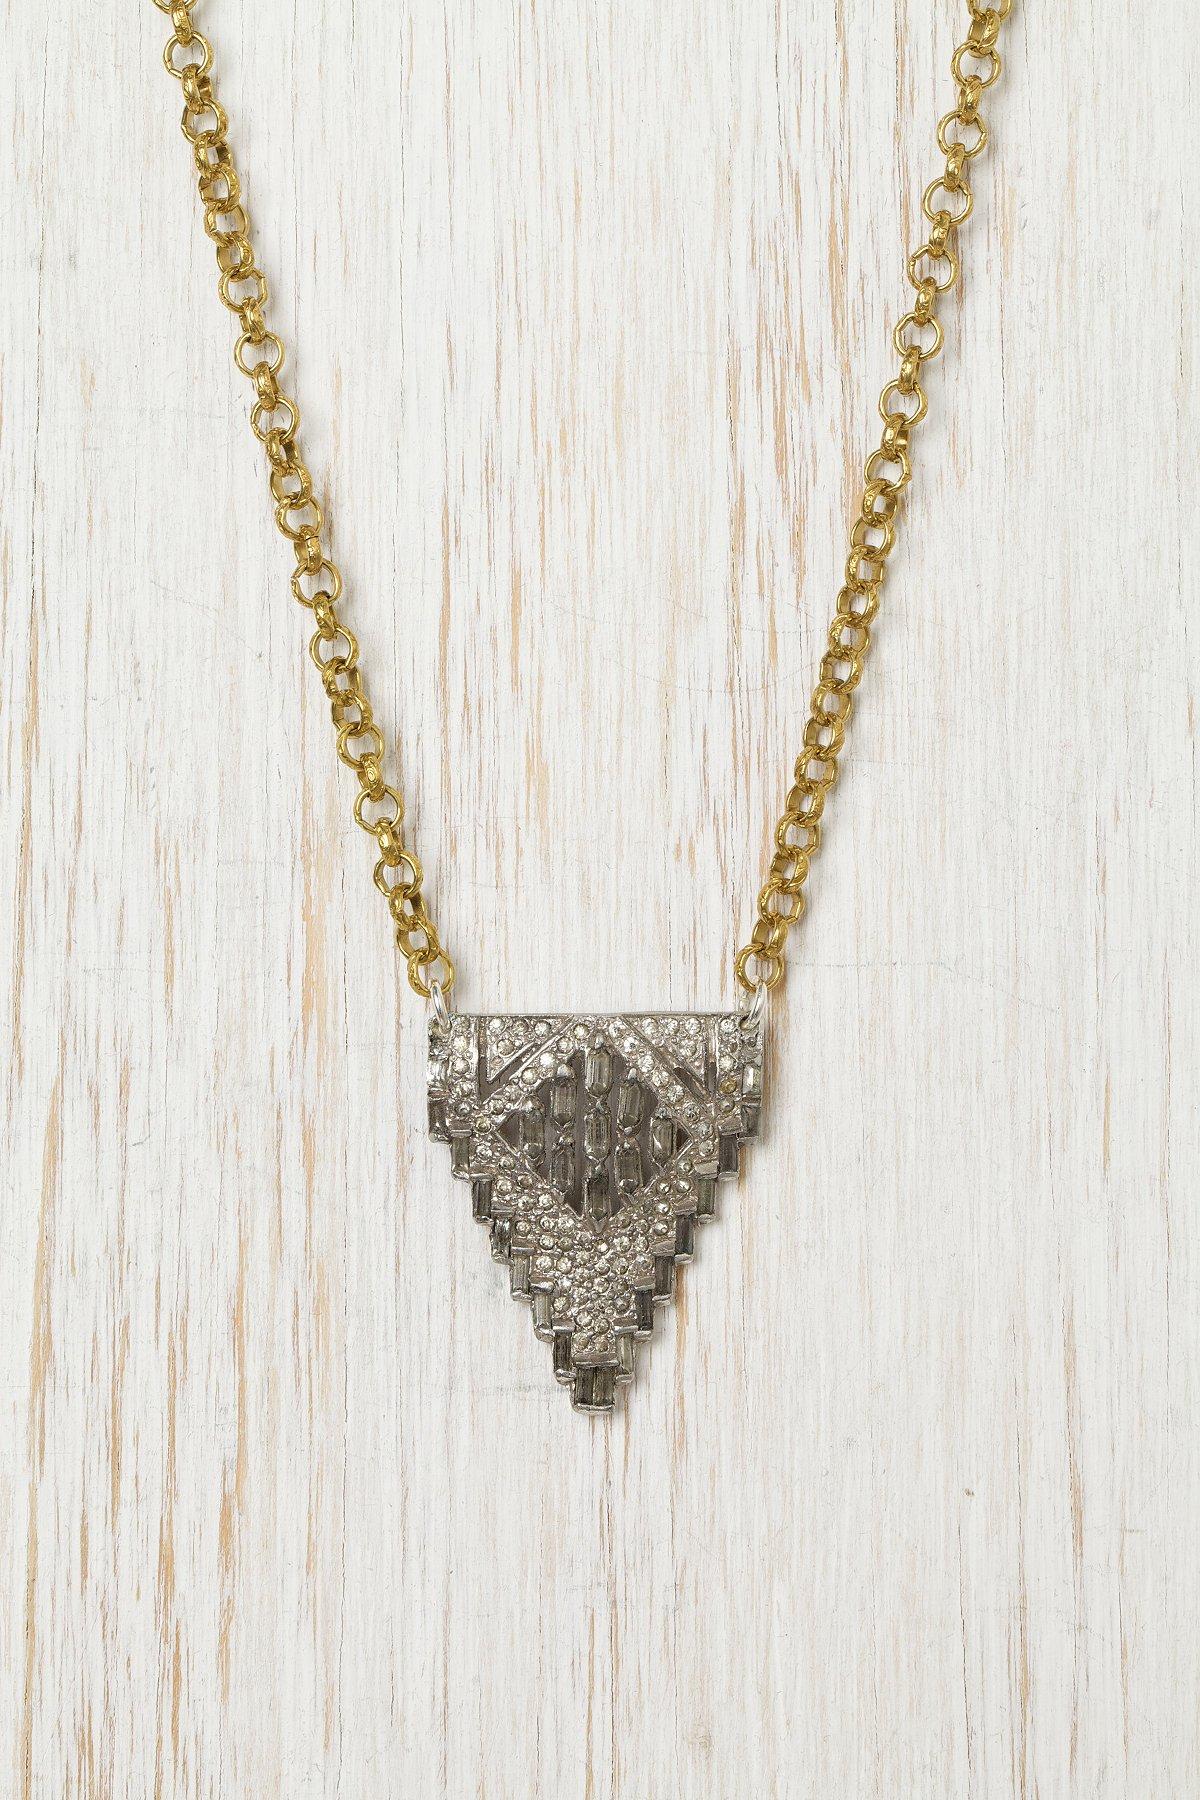 Vintage Arch Necklace